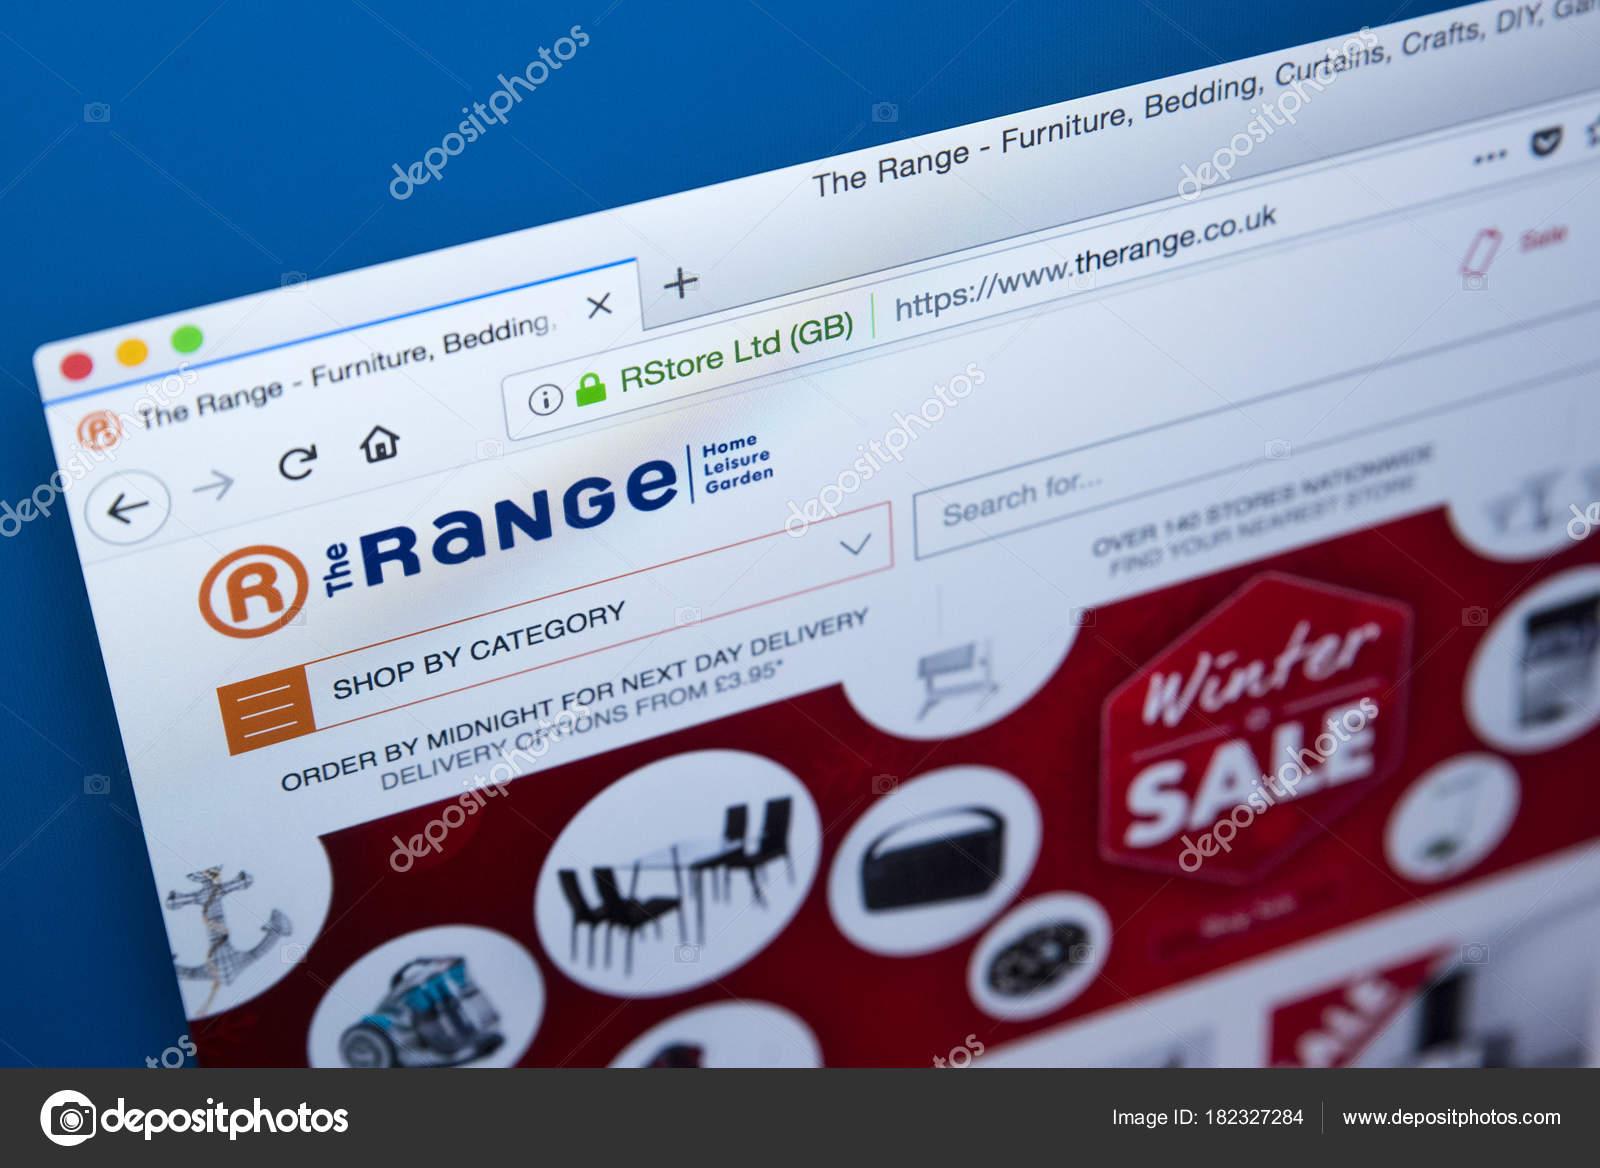 5c0b508bf9 El sitio web de la compañía de gama — Foto editorial de stock ...